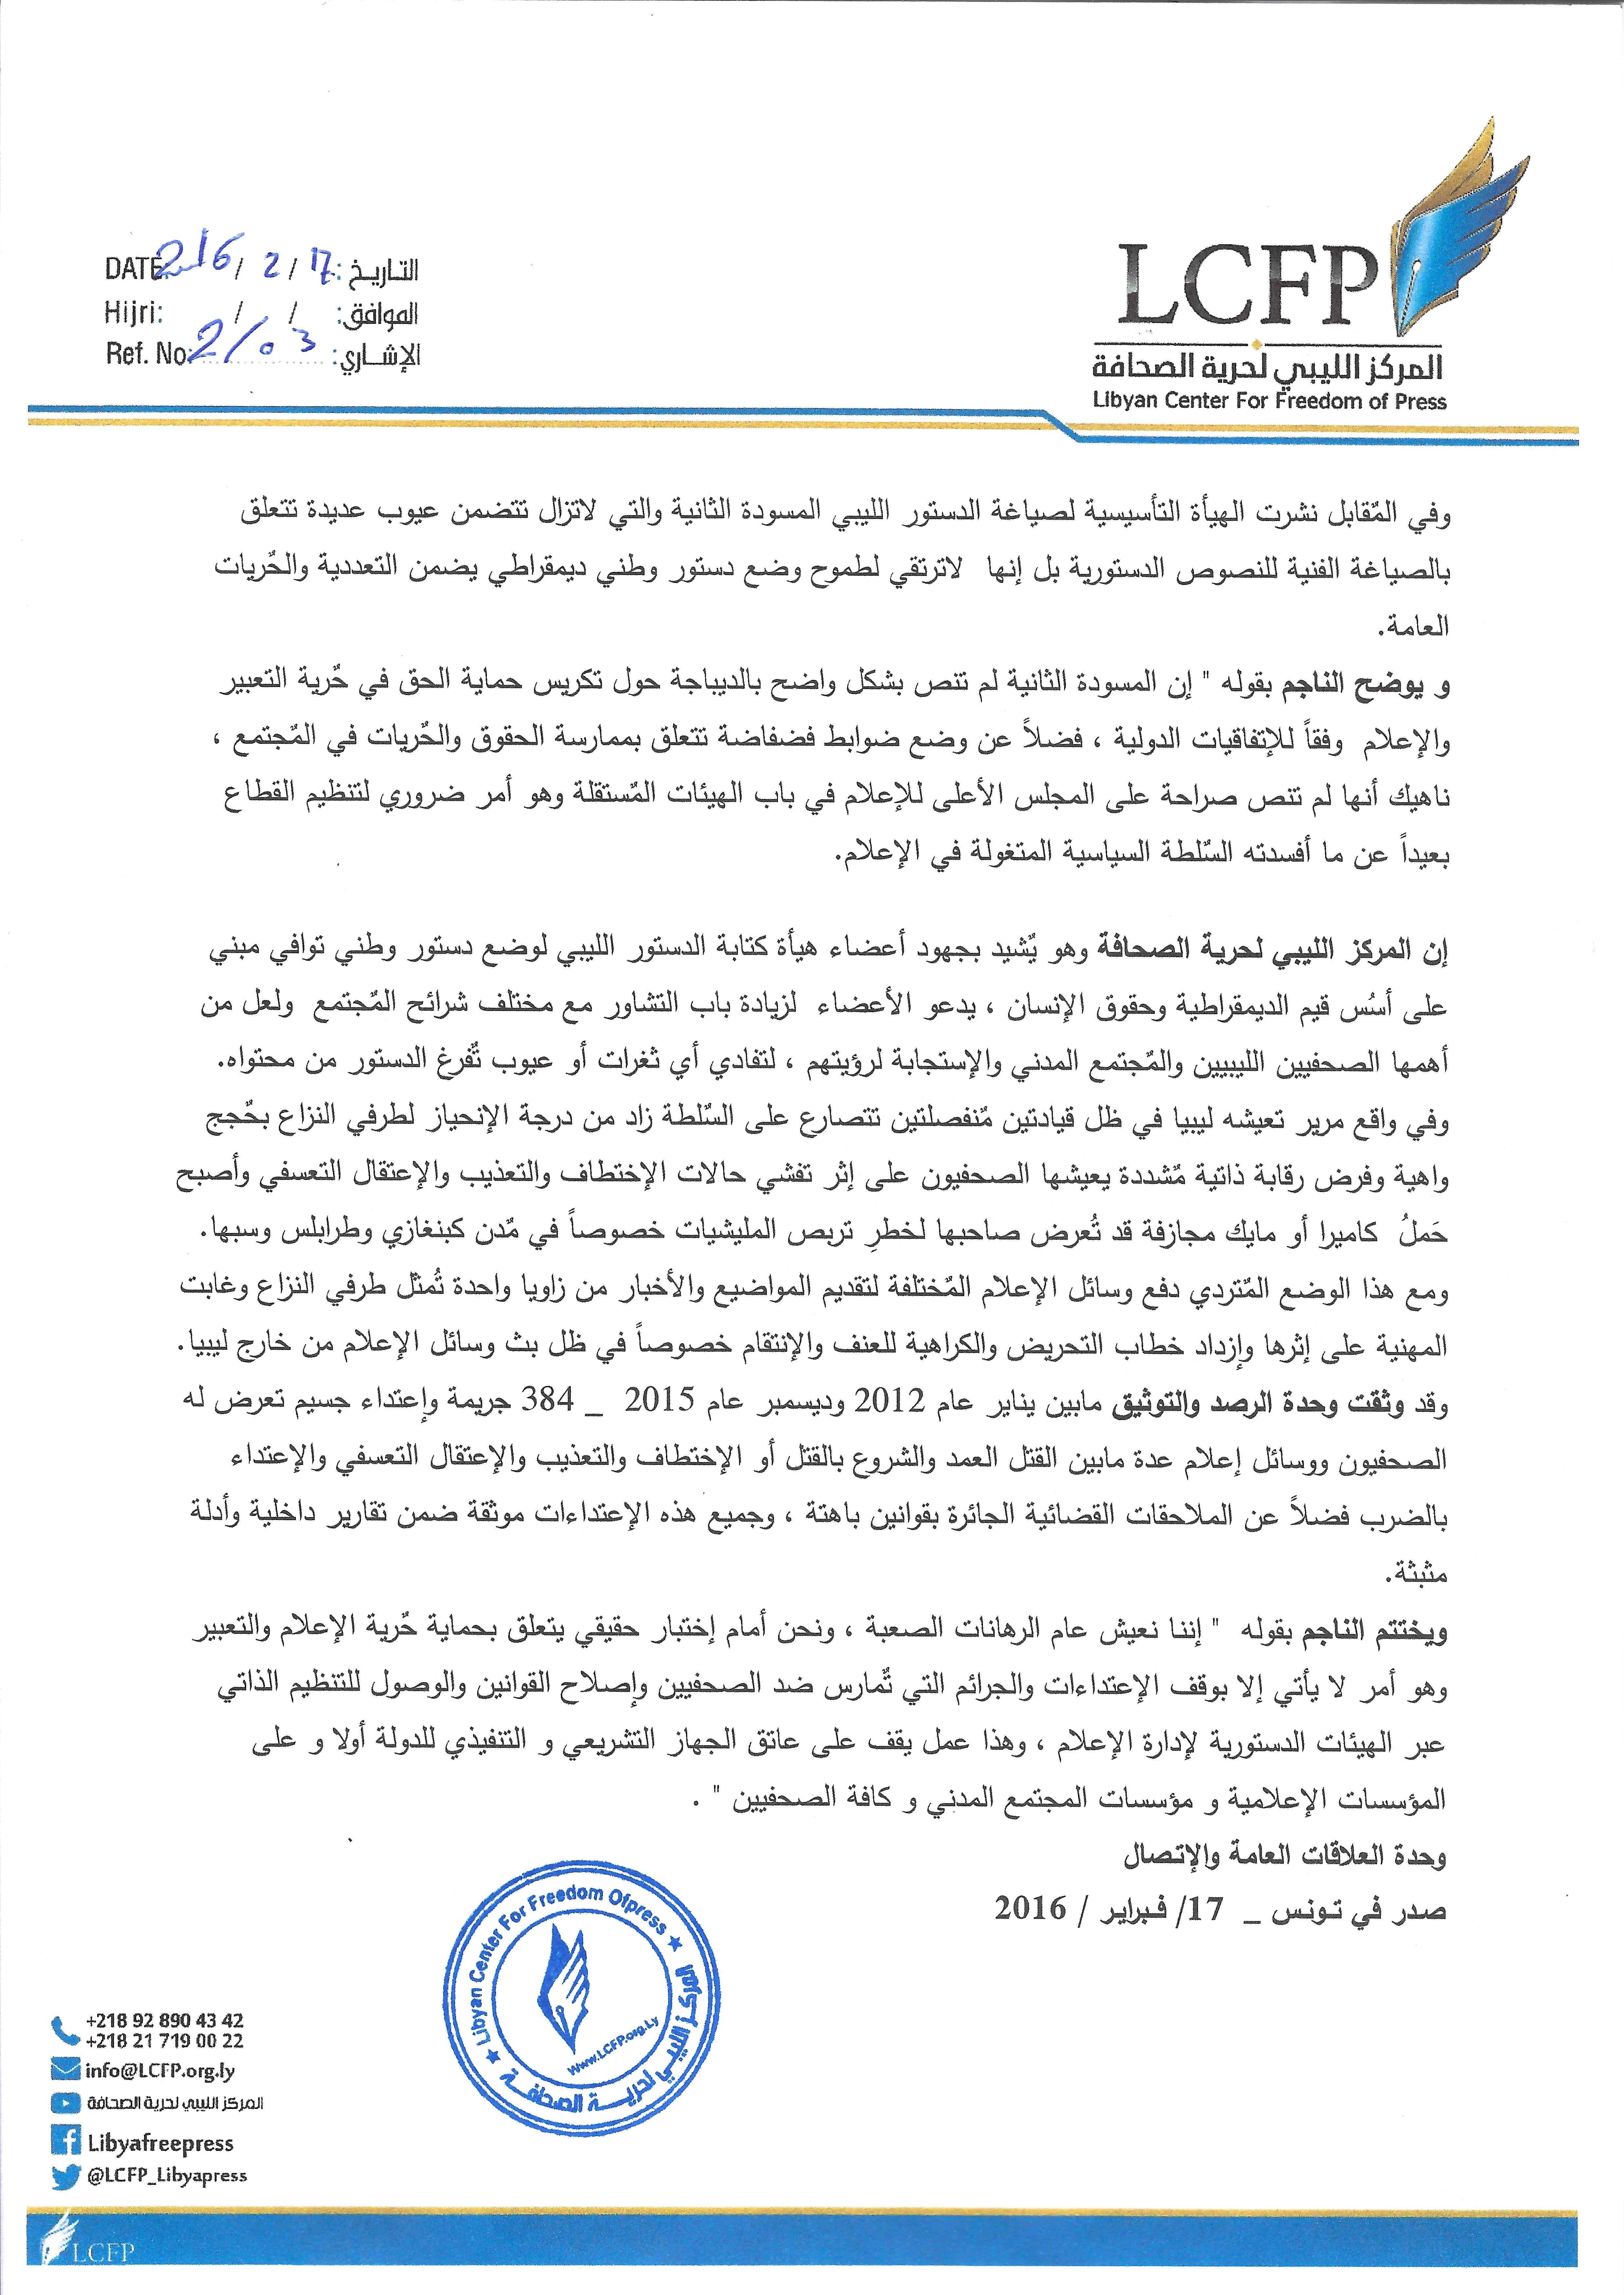 Press Release, Feb -2